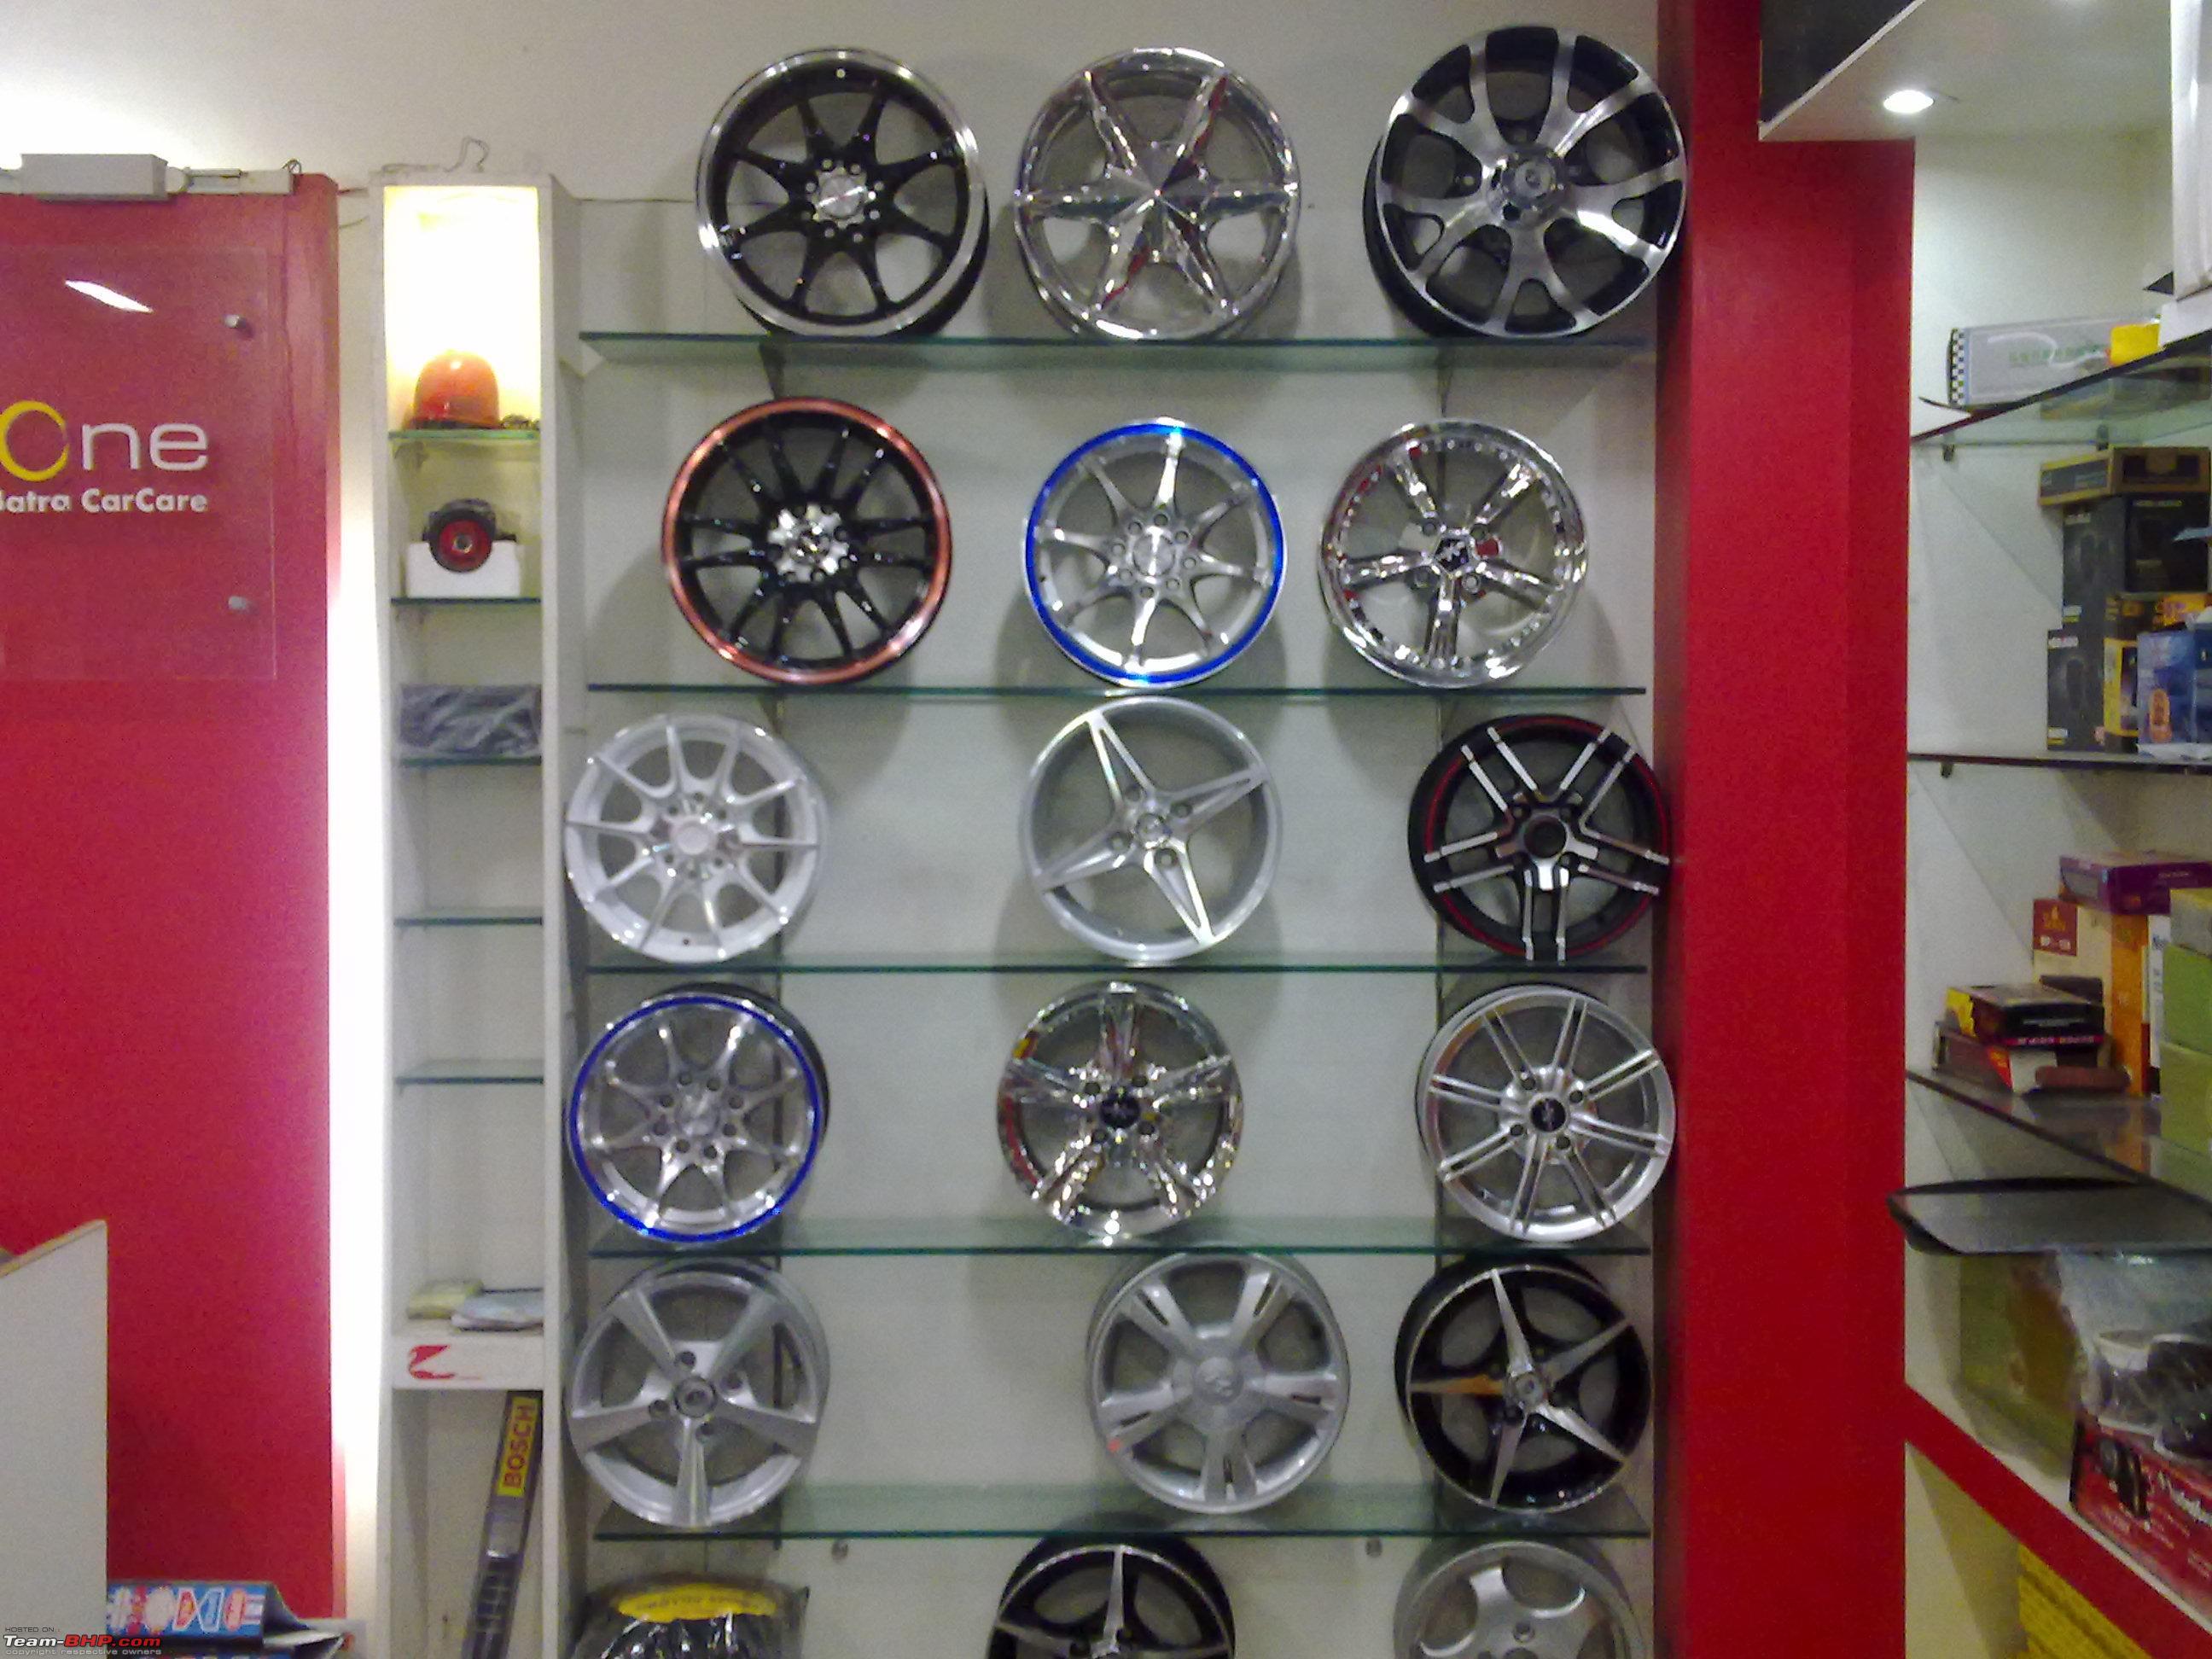 Car Accessories, Audio etc. - Autozone (Gurgaon) - Team-BHP